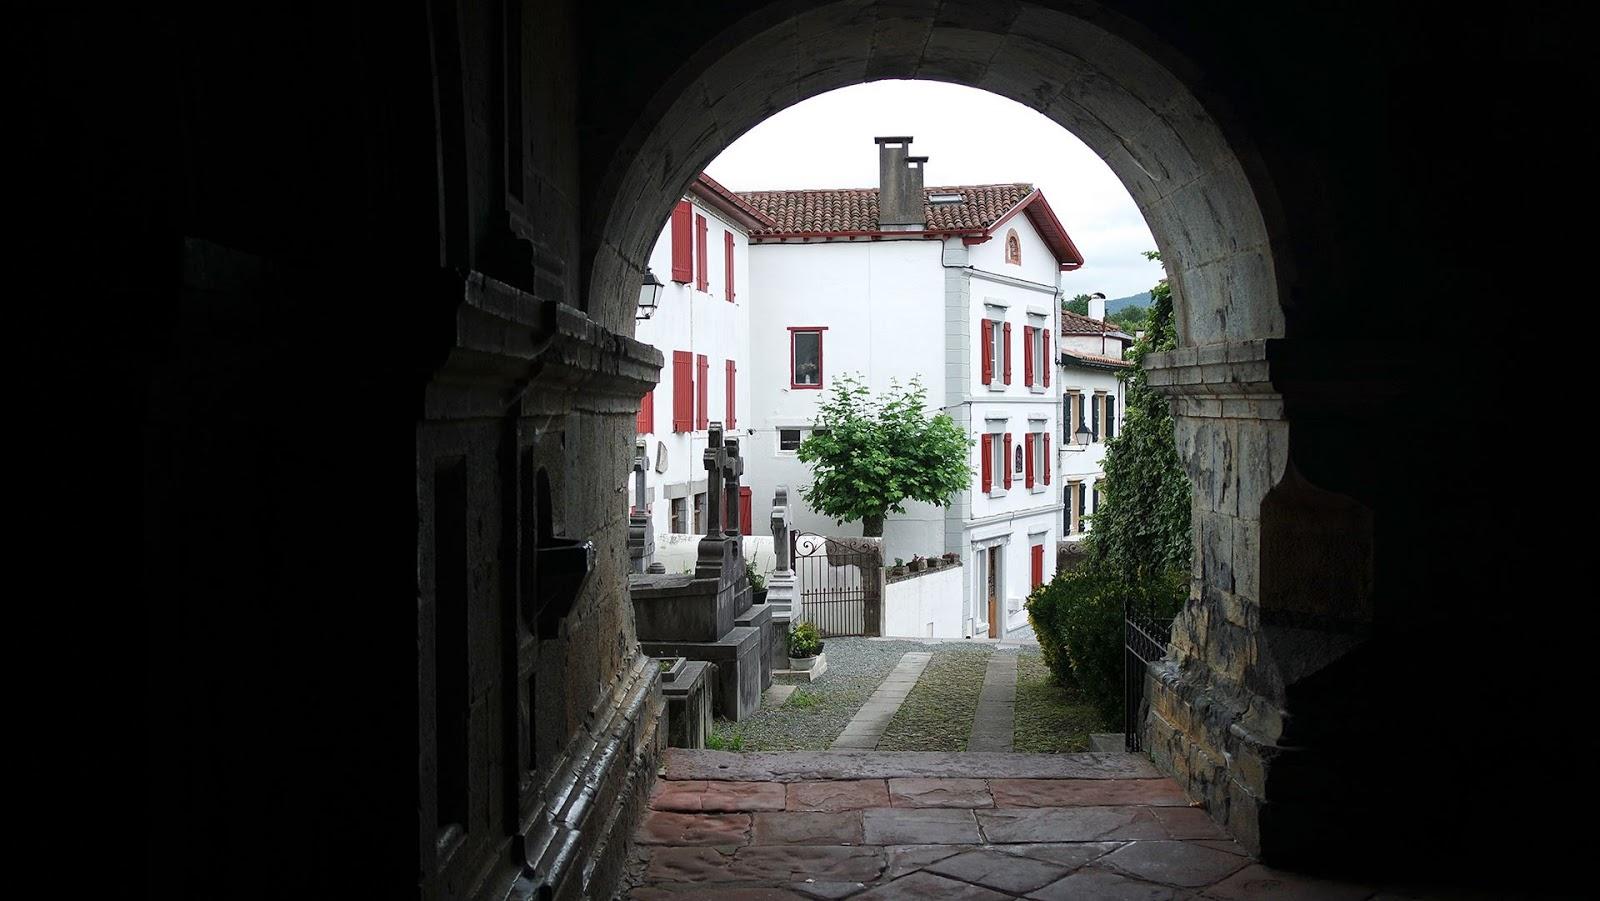 Basque church entrance